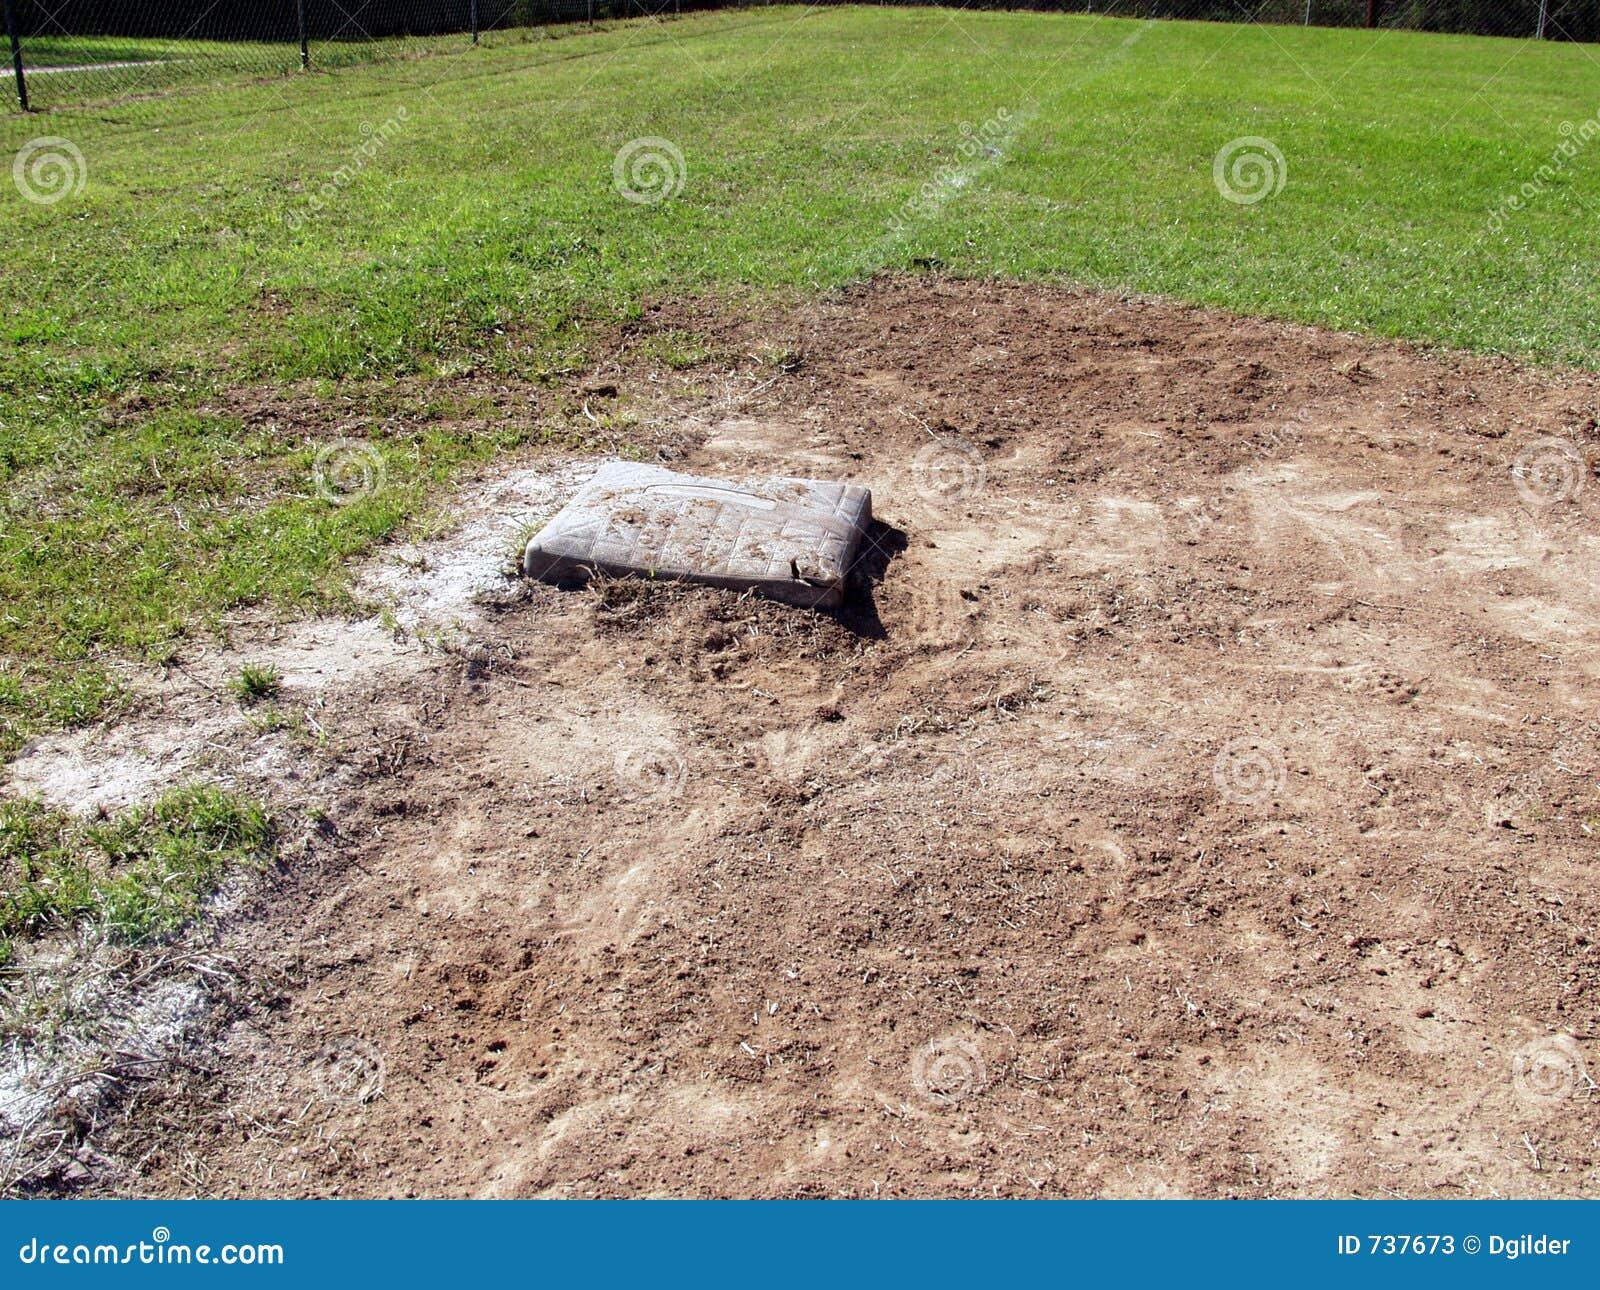 Troisième base dans le domaine de base-ball